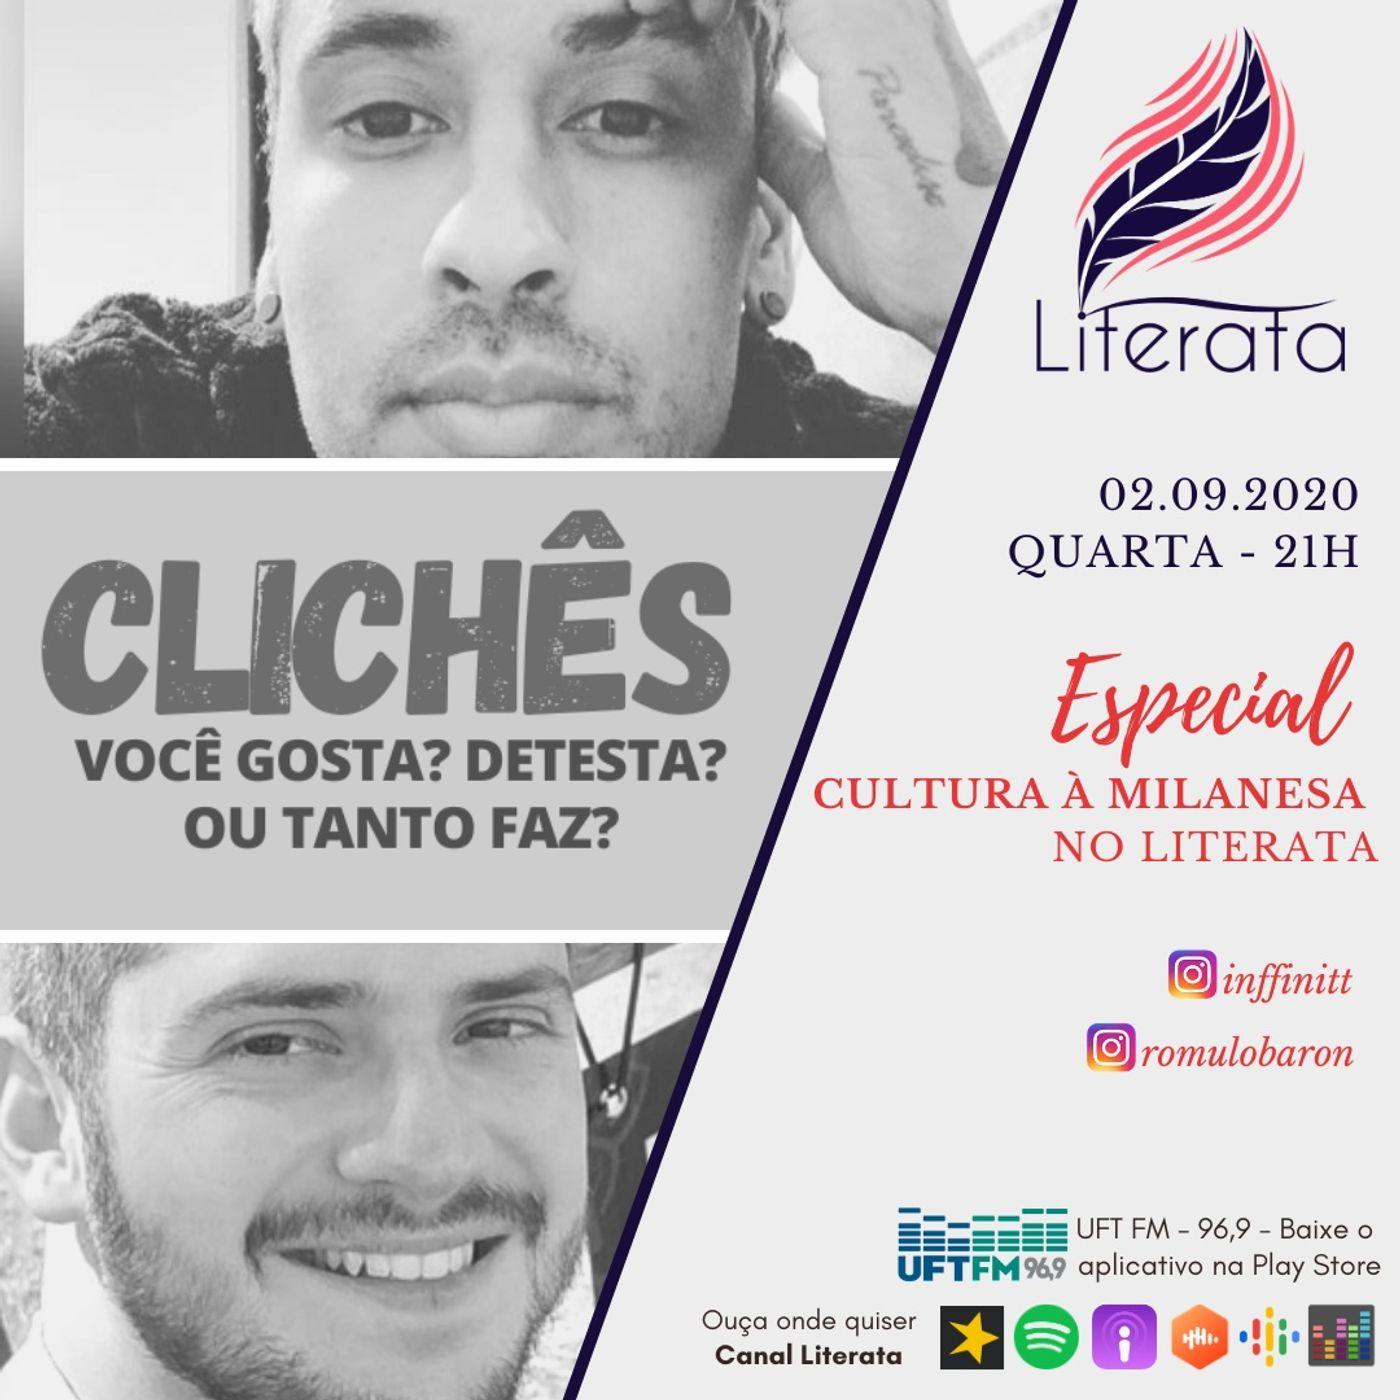 #067 - Especial CàM no Literata - Clichês